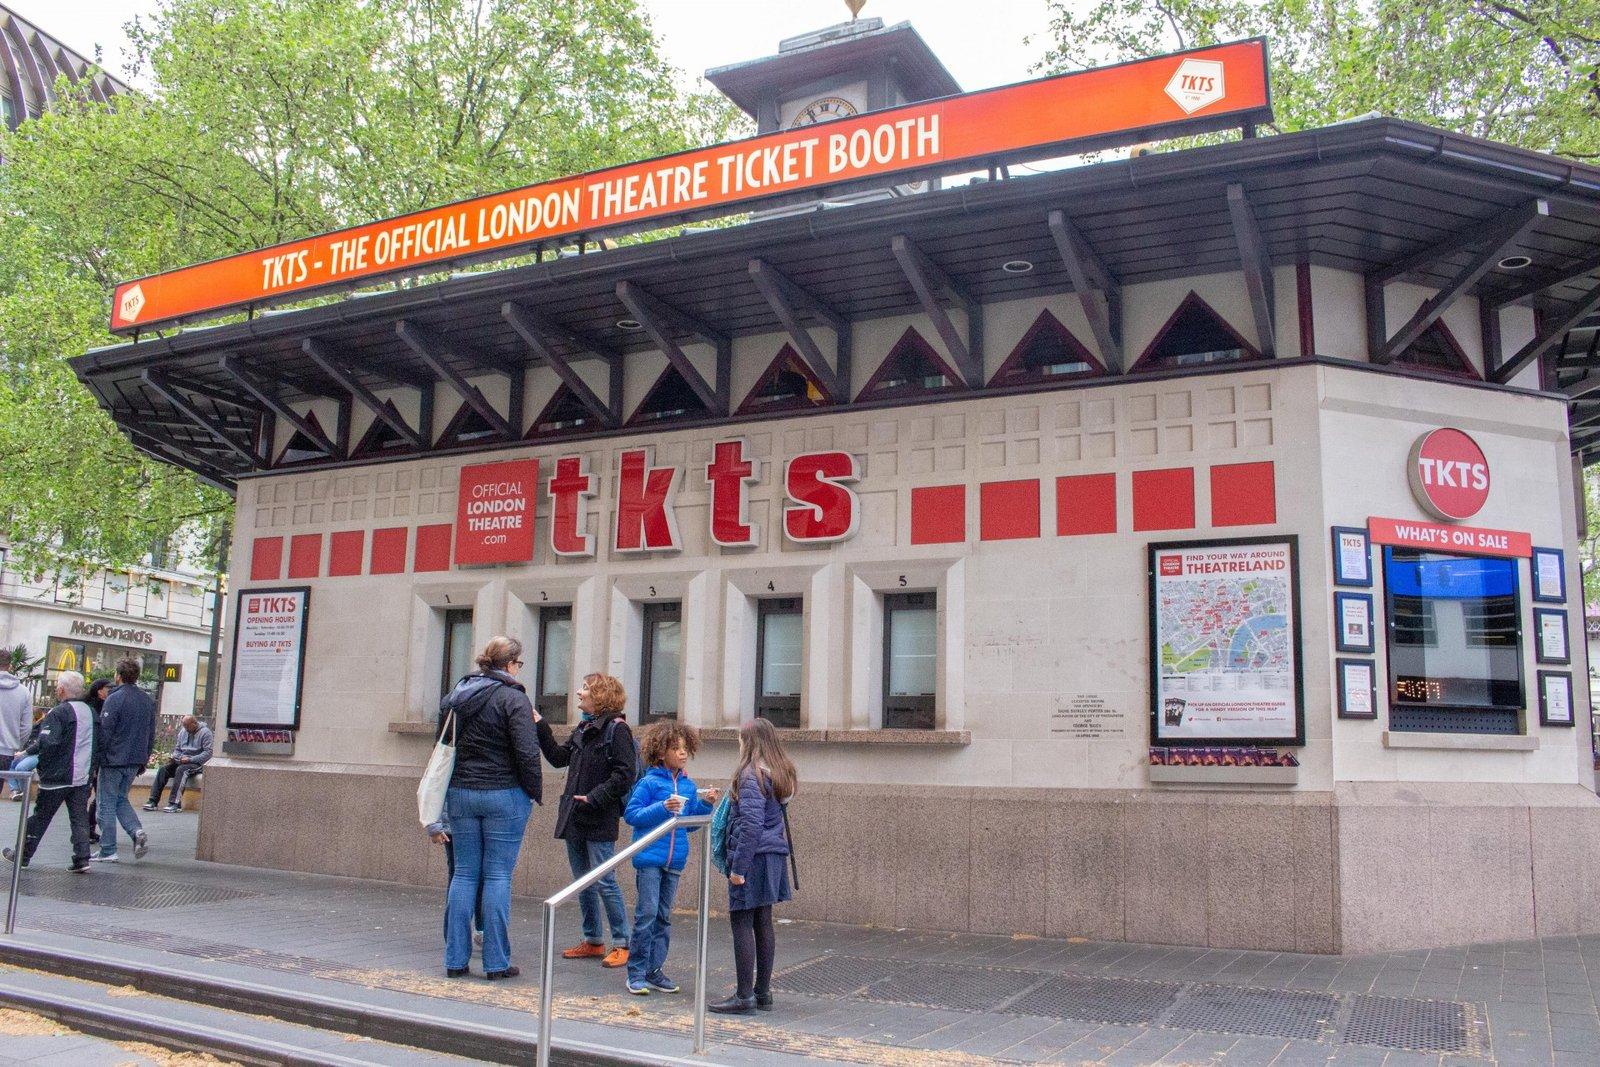 Teatro em Londres: onde comprar tickets mais barato